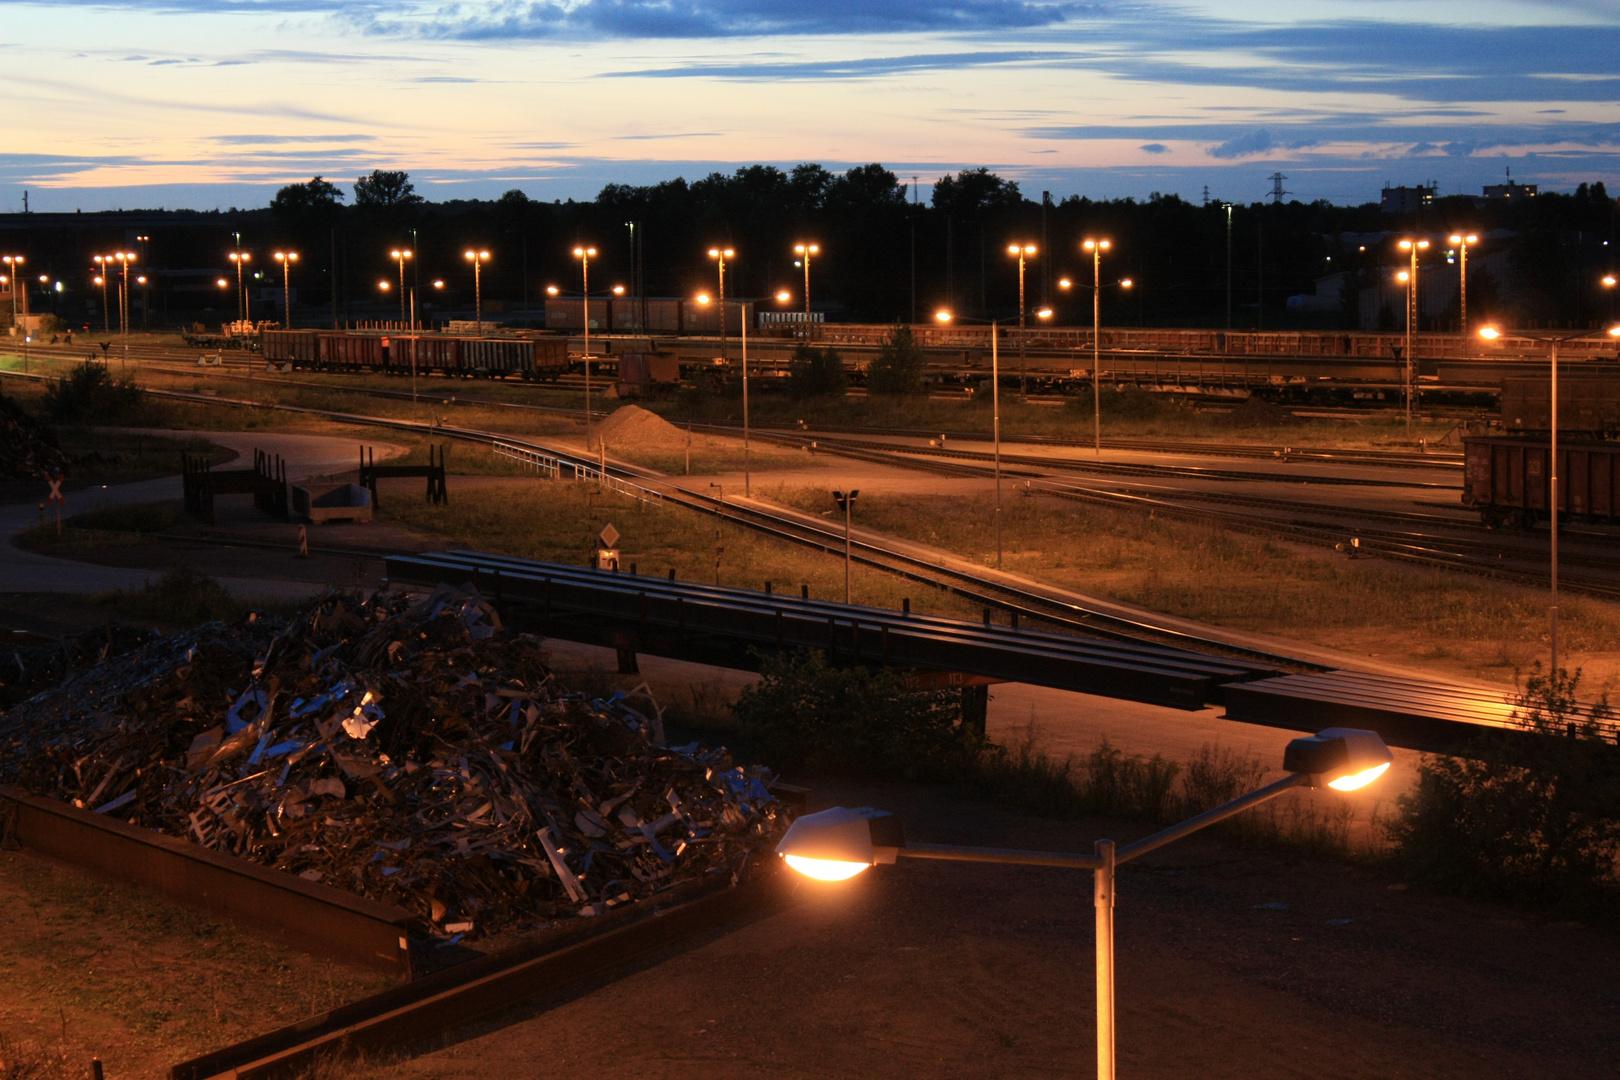 Industriebahnhof bei Nacht